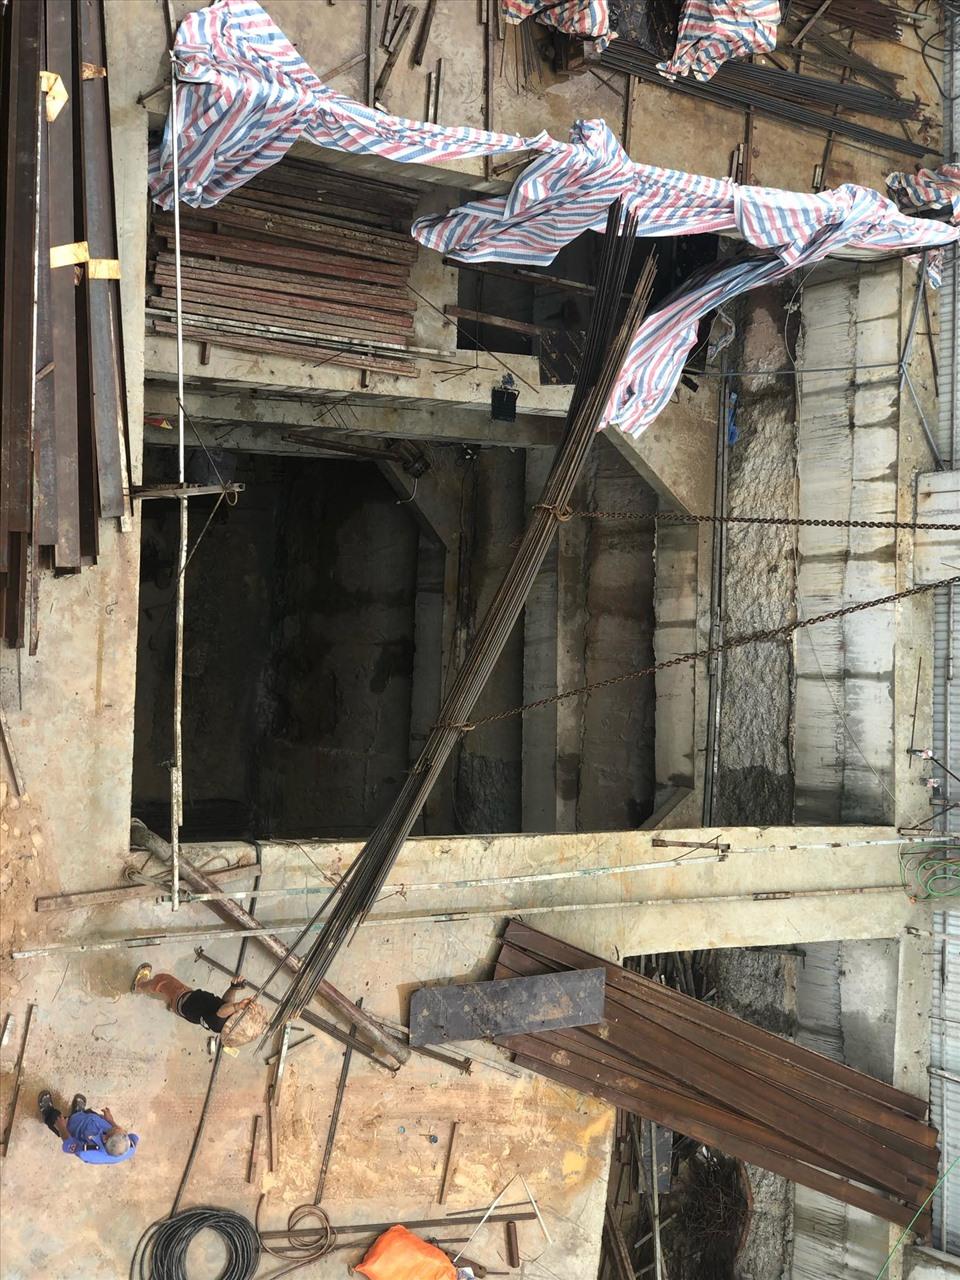 Nhà ở riêng lẻ có 4 tầng hầm ở Hà Nội. Ảnh: Ngô Cường